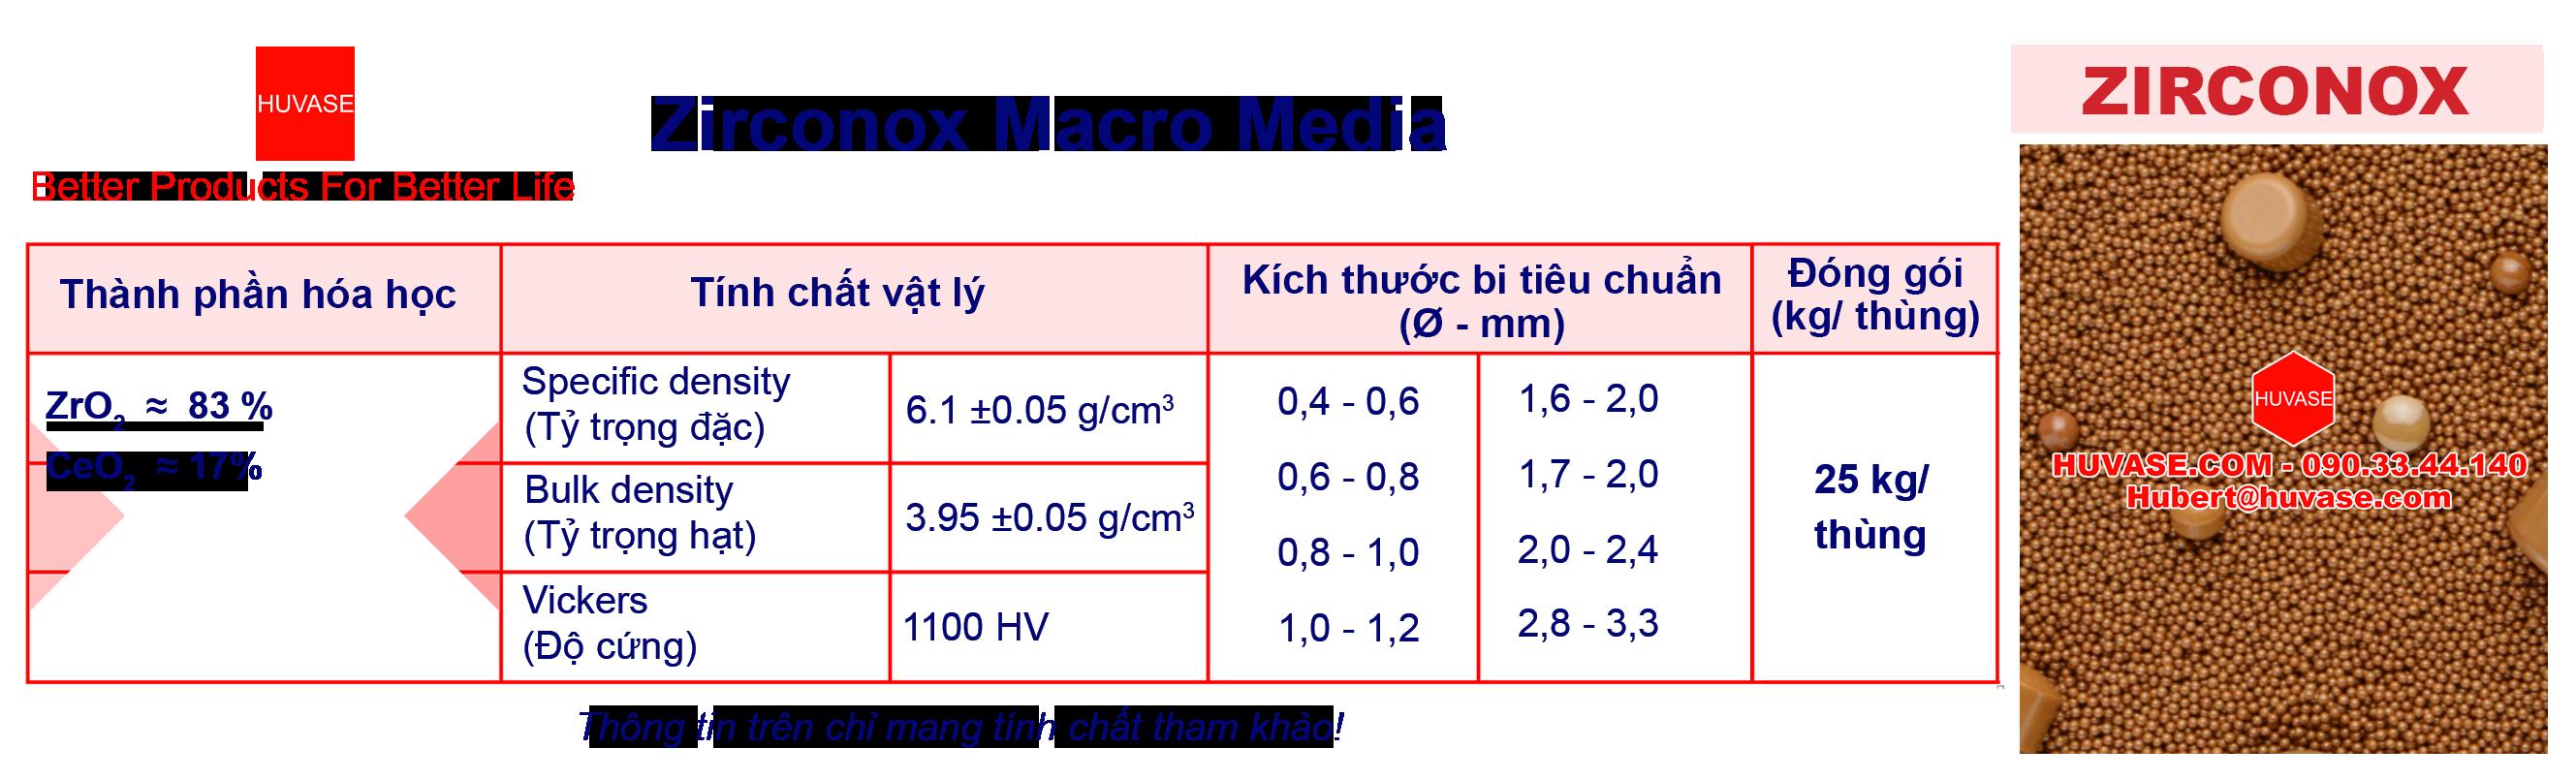 Thông số kỹ thuật chung cho bi nghiền Zirocnox Micro: